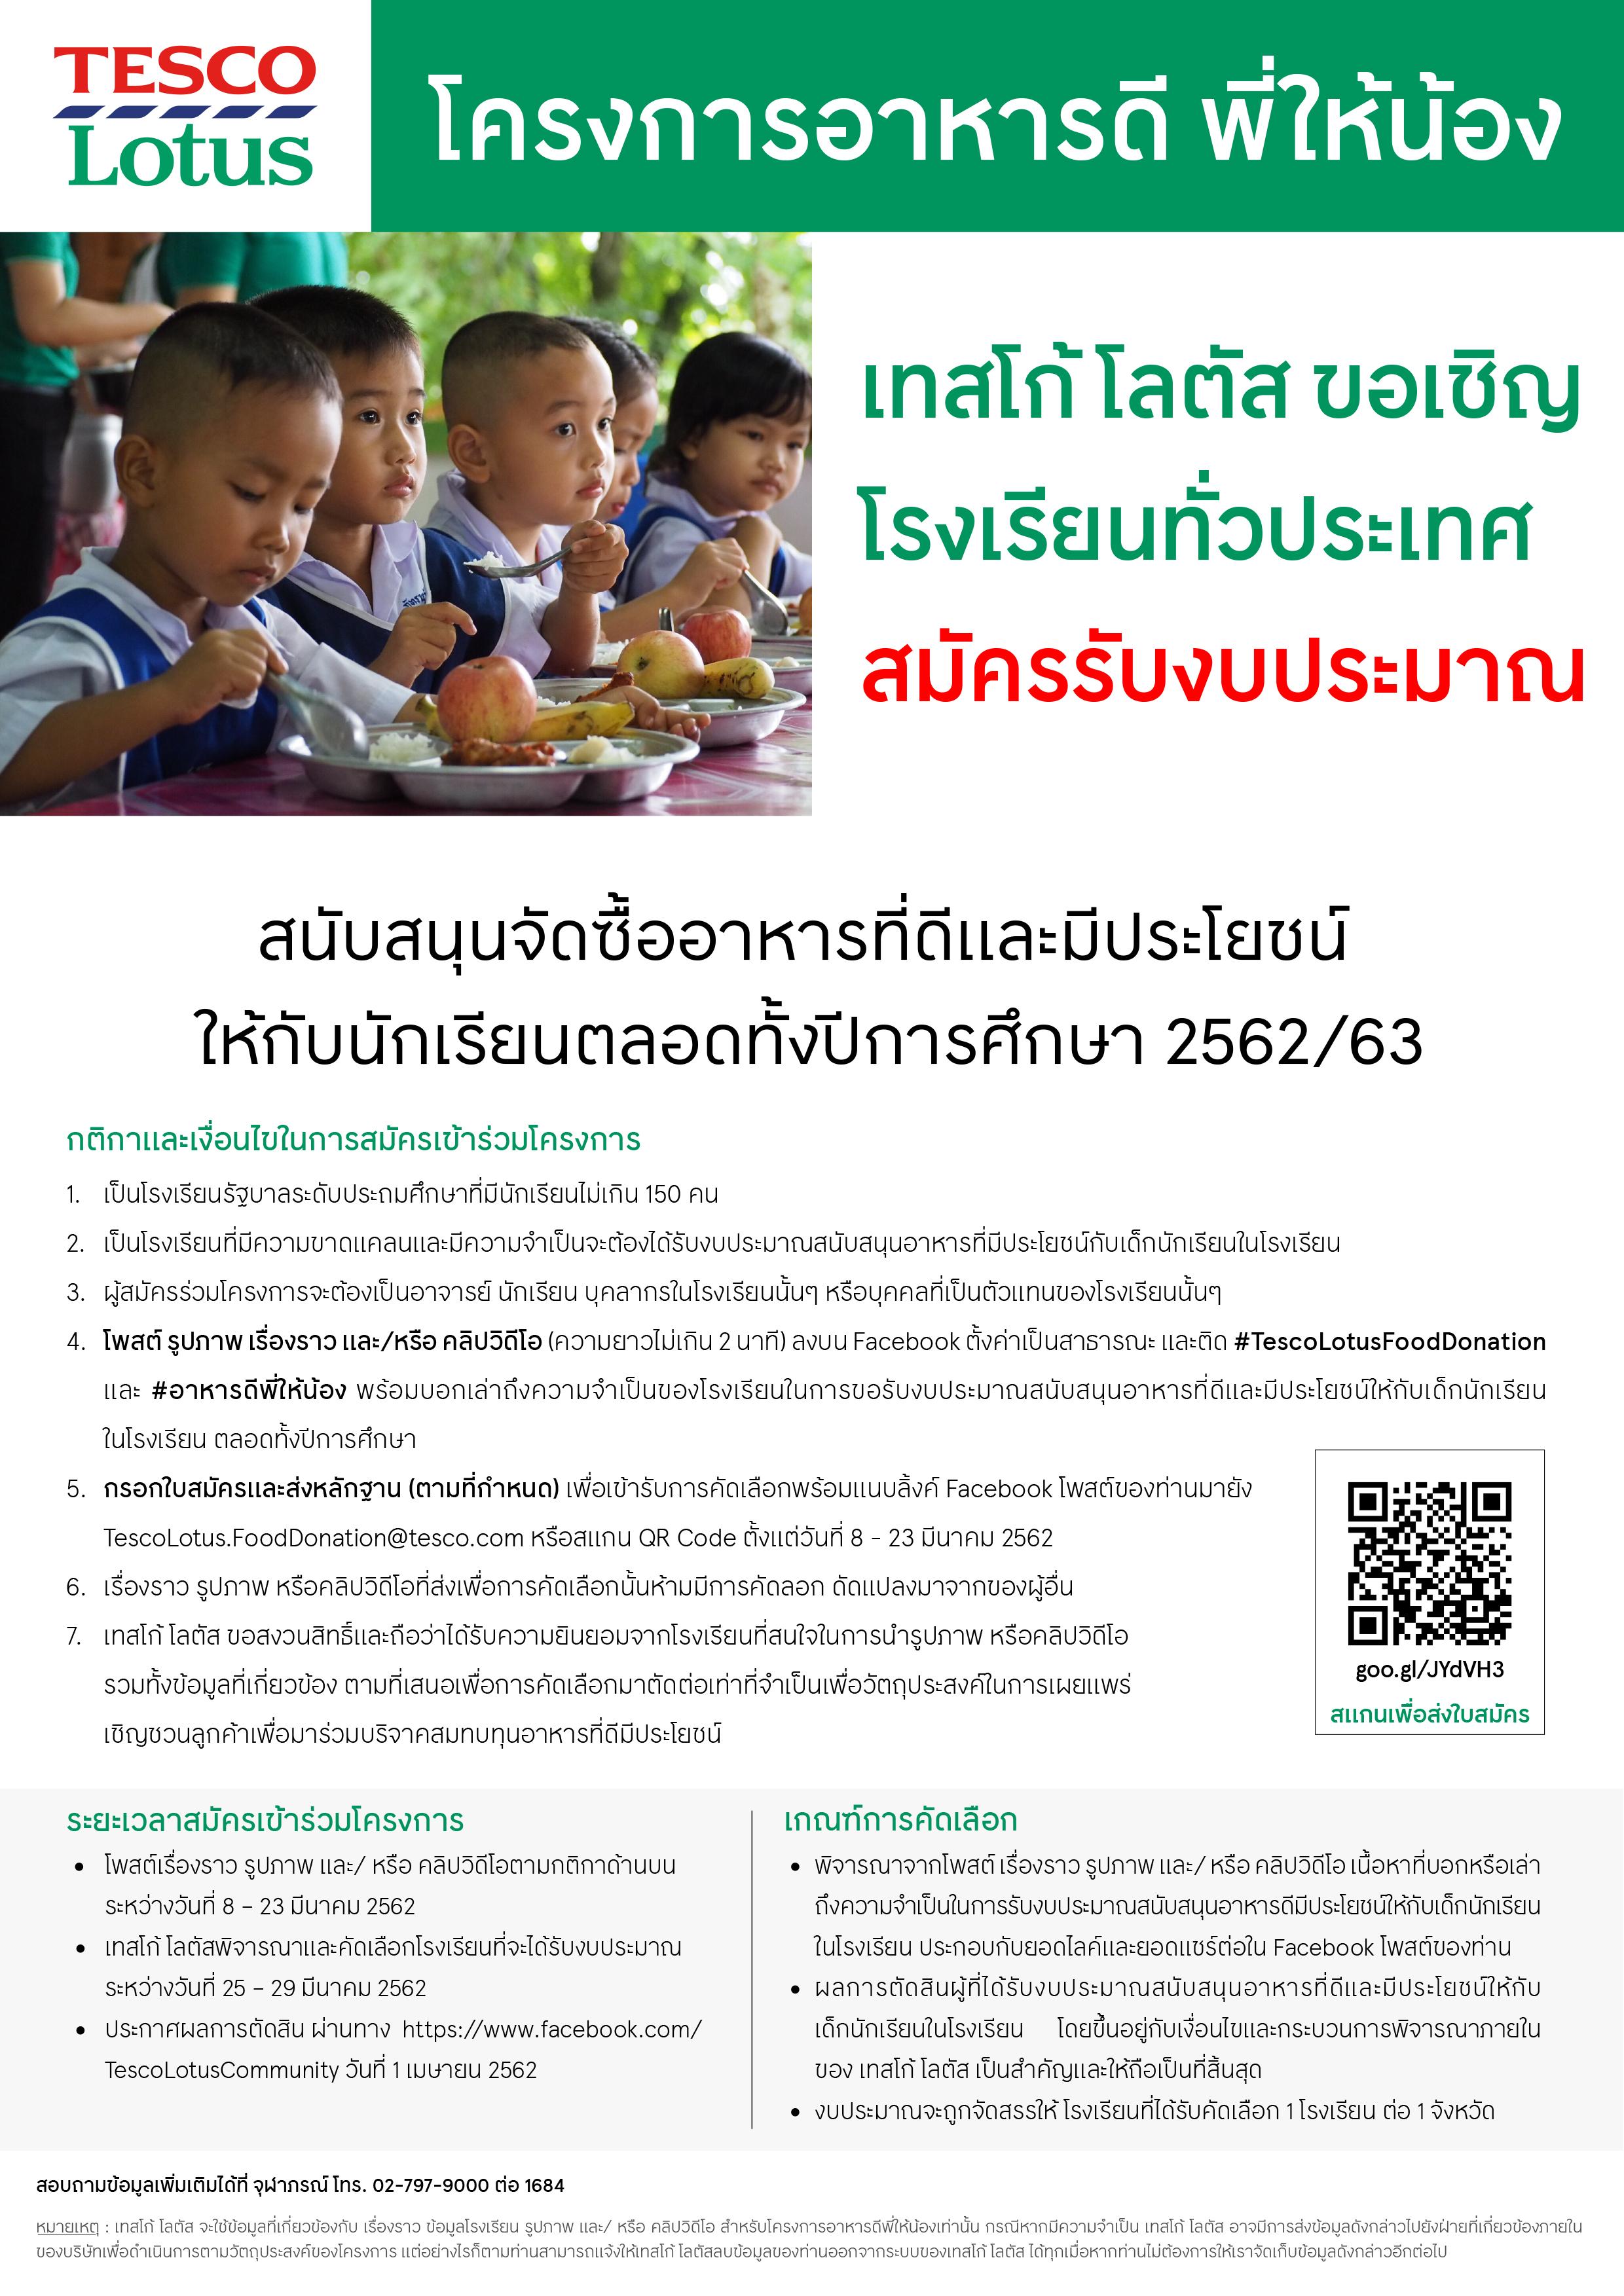 """เทสโก้ โลตัส เชิญชวนโรงเรียนยากไร้ทั่วไทยร่วมโครงการ """"อาหารดีพี่ให้น้อง"""""""